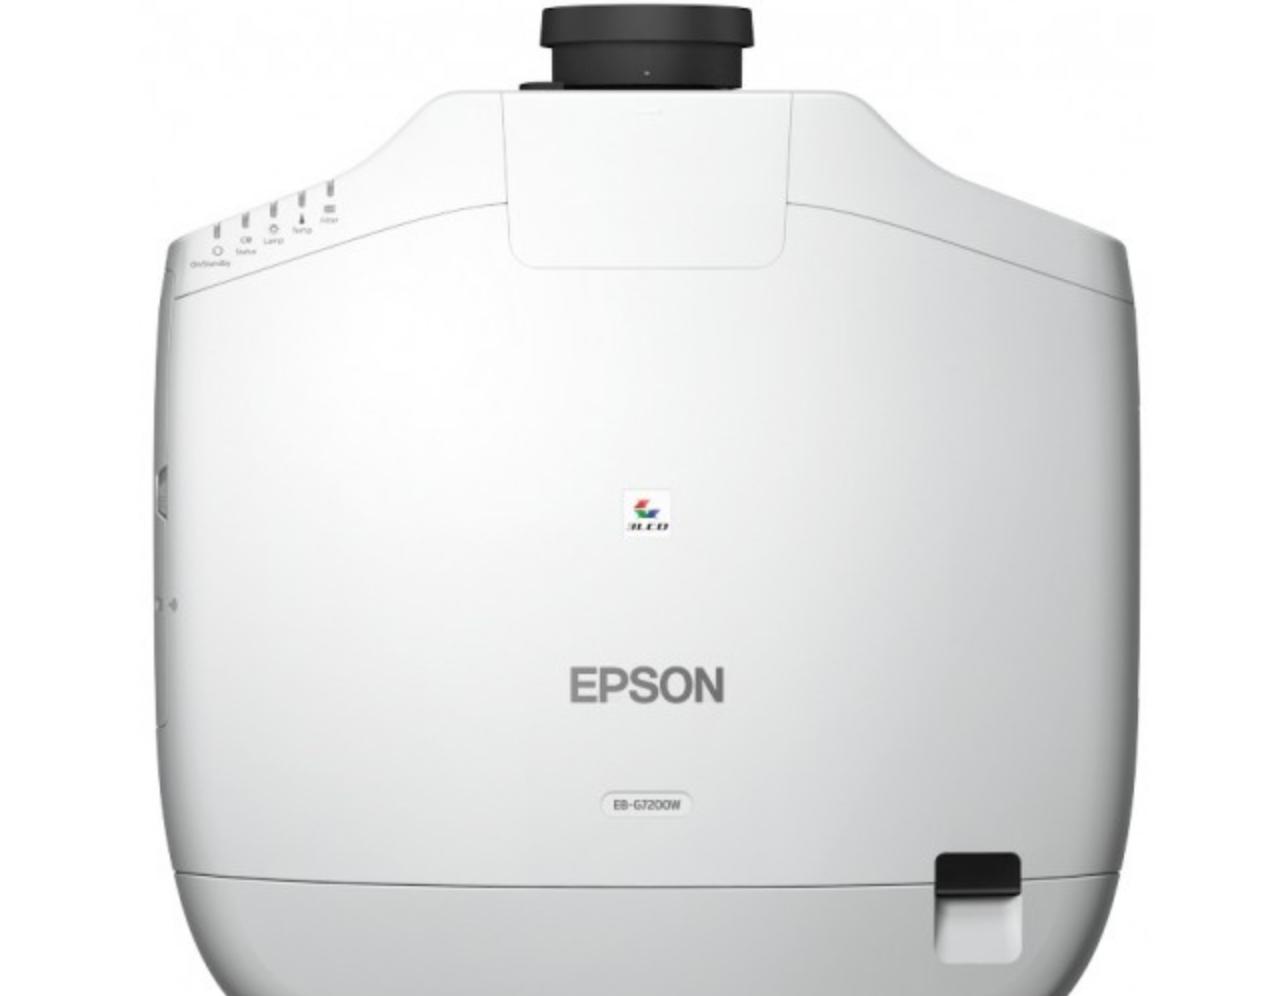 EPSON EB-G7200W Vidéoprojecteur